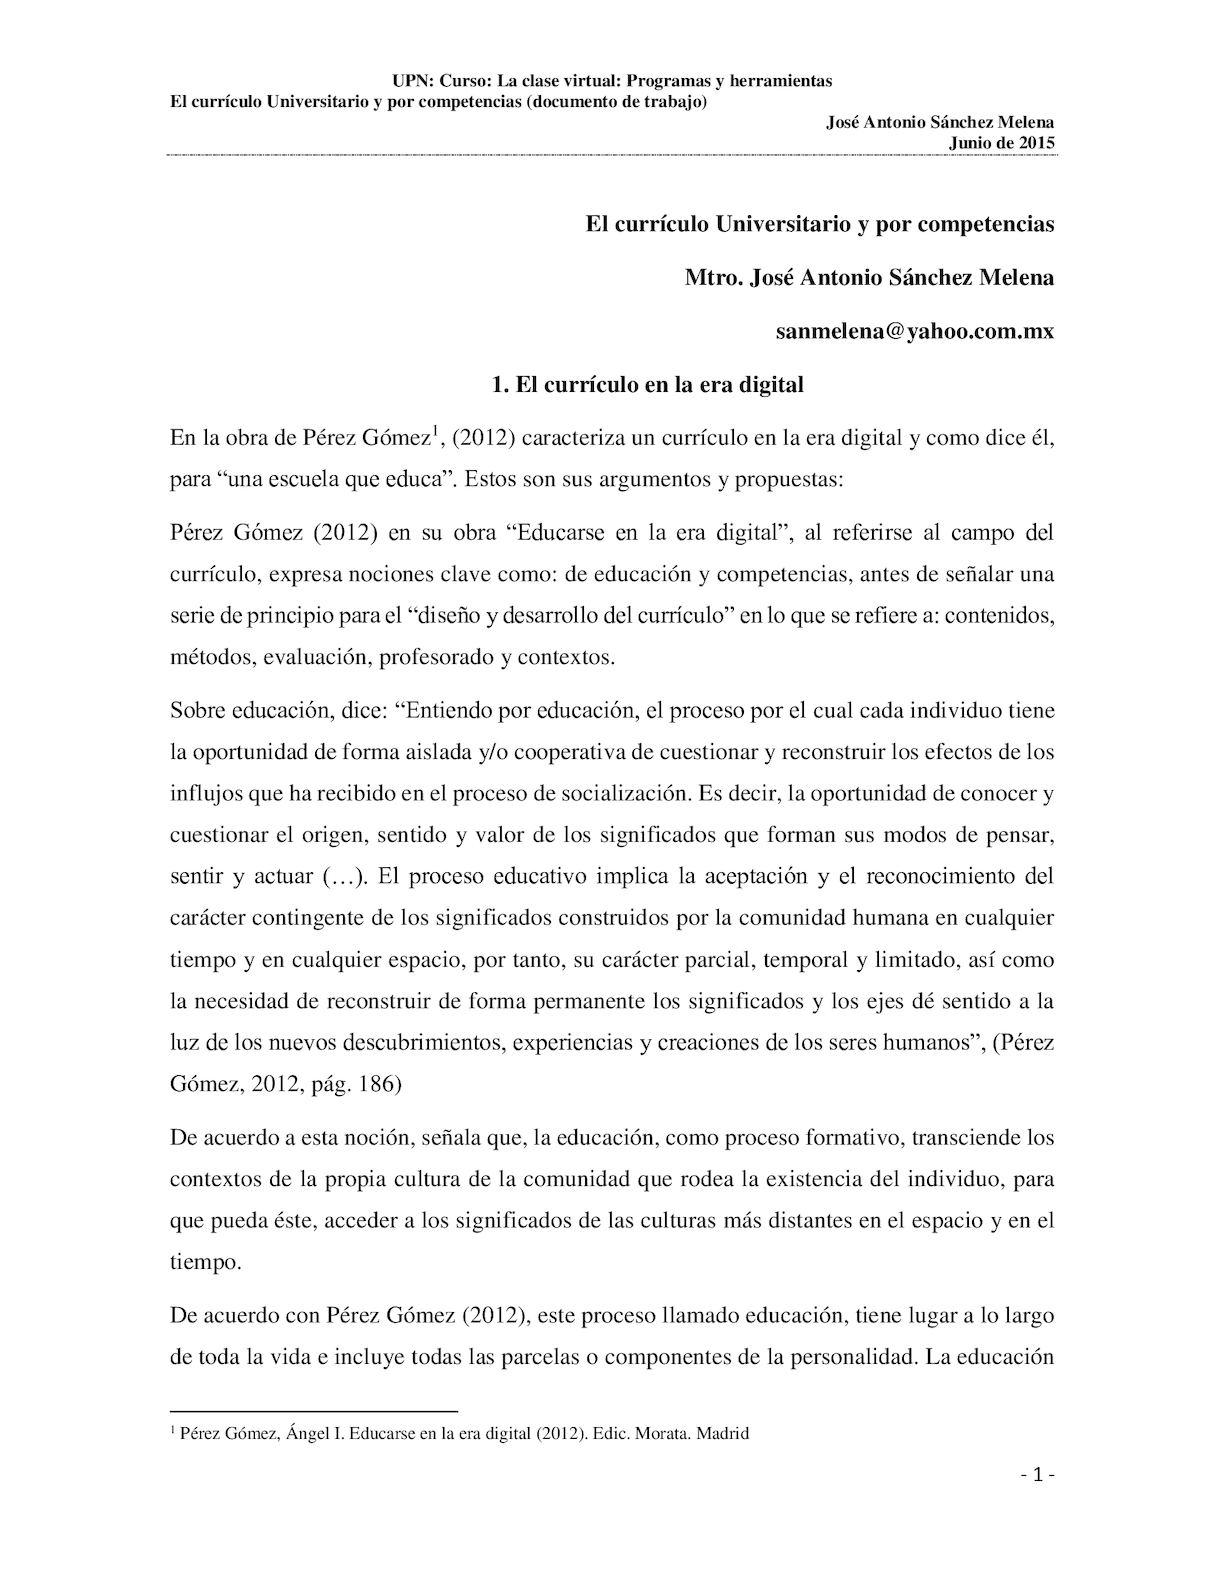 Calaméo - El Curriculo Universitario Y Por Competencias(3)